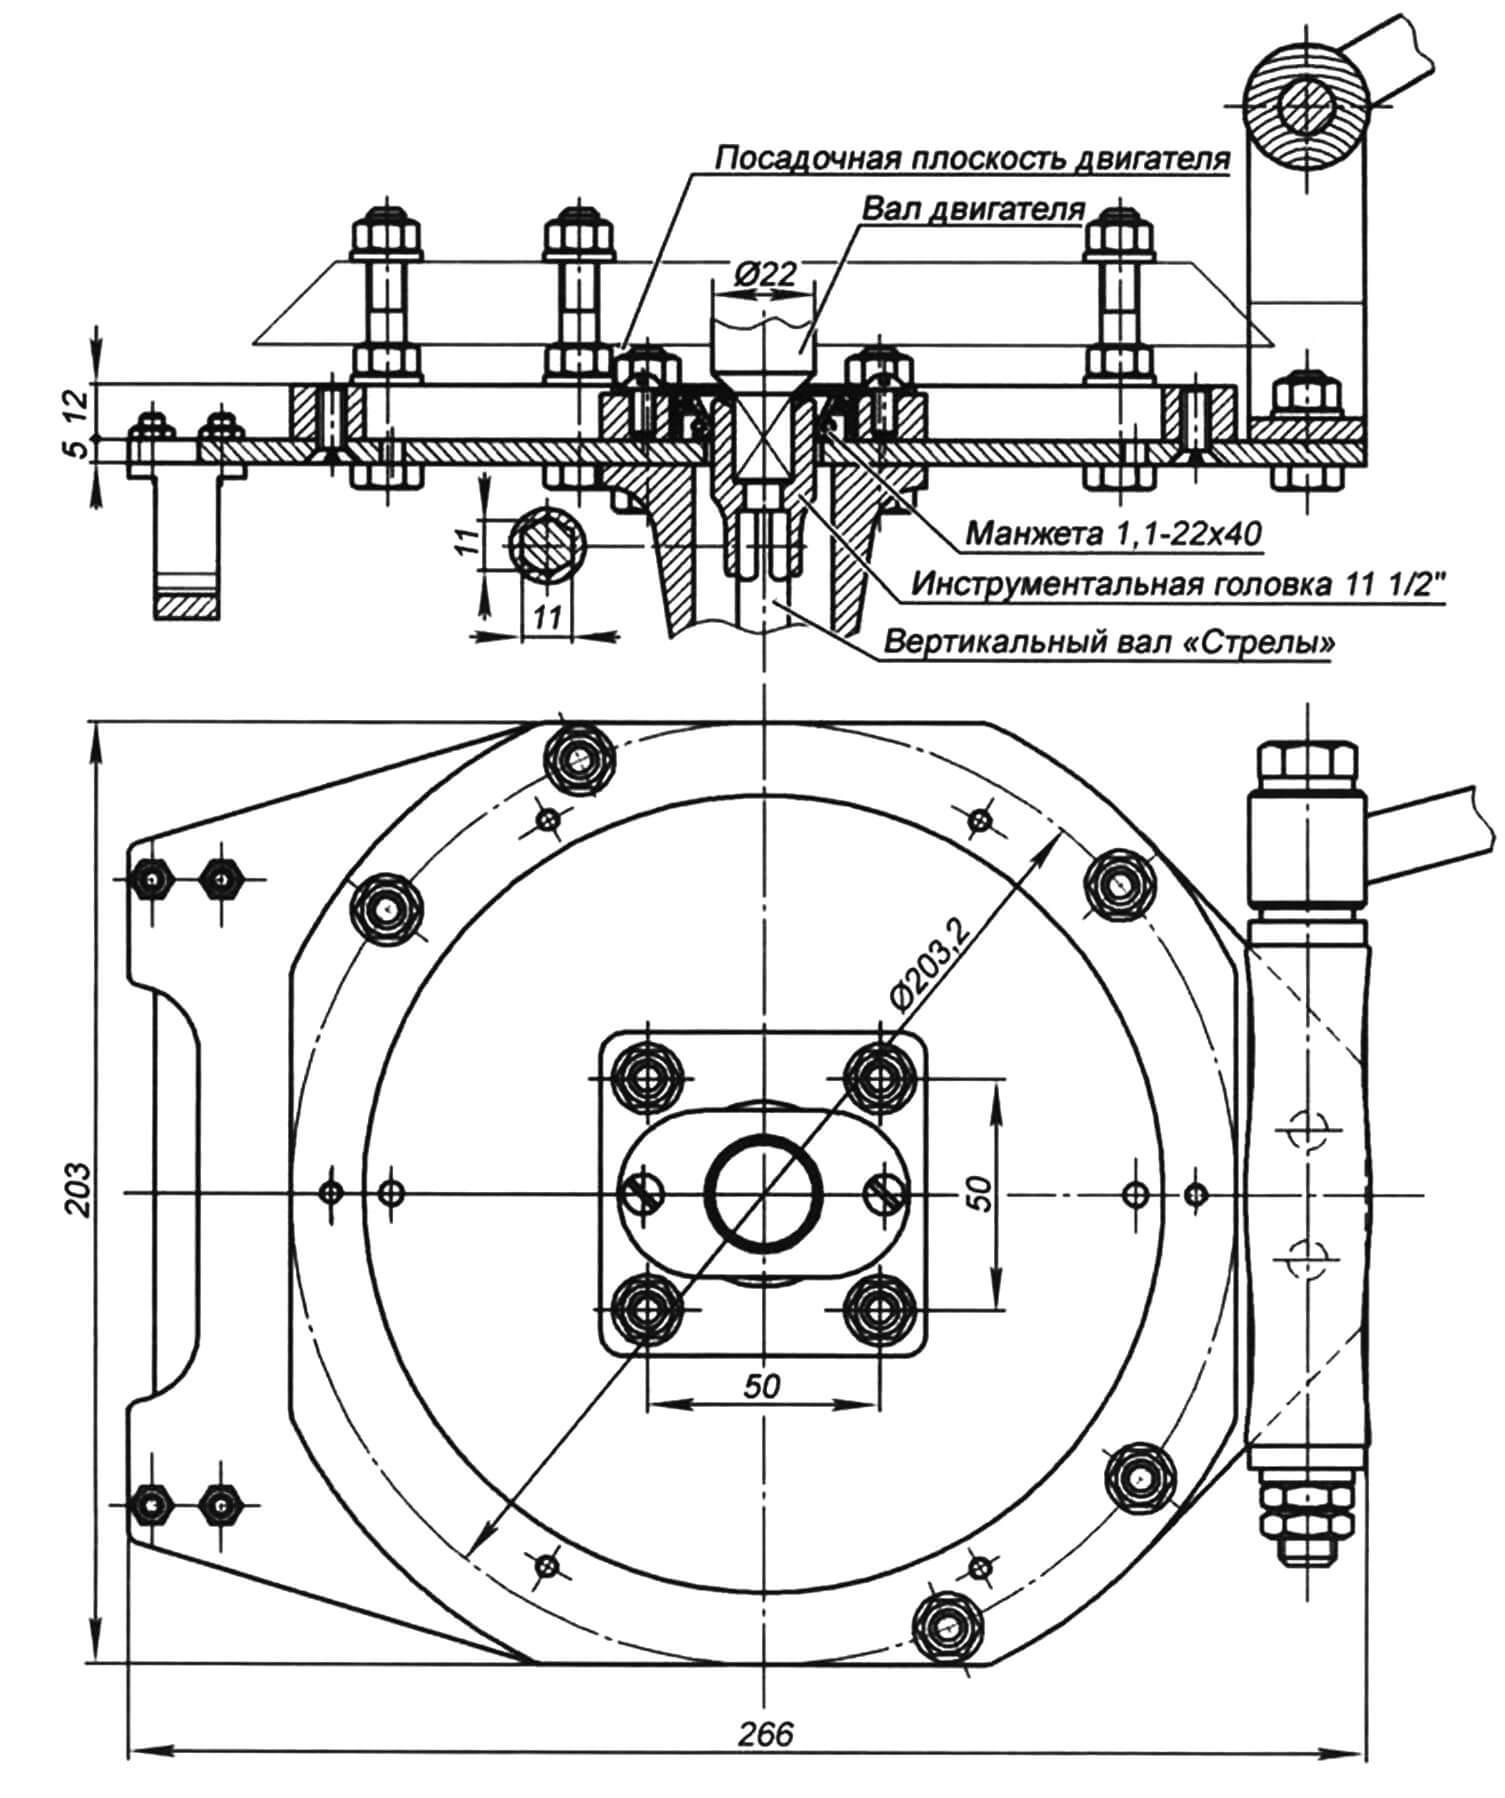 Чертеж стыковки (переходная плита и переходная муфта с уплотнением) дейдвудной трубы мотора «Стрела» с четырехтактной могоголовкой